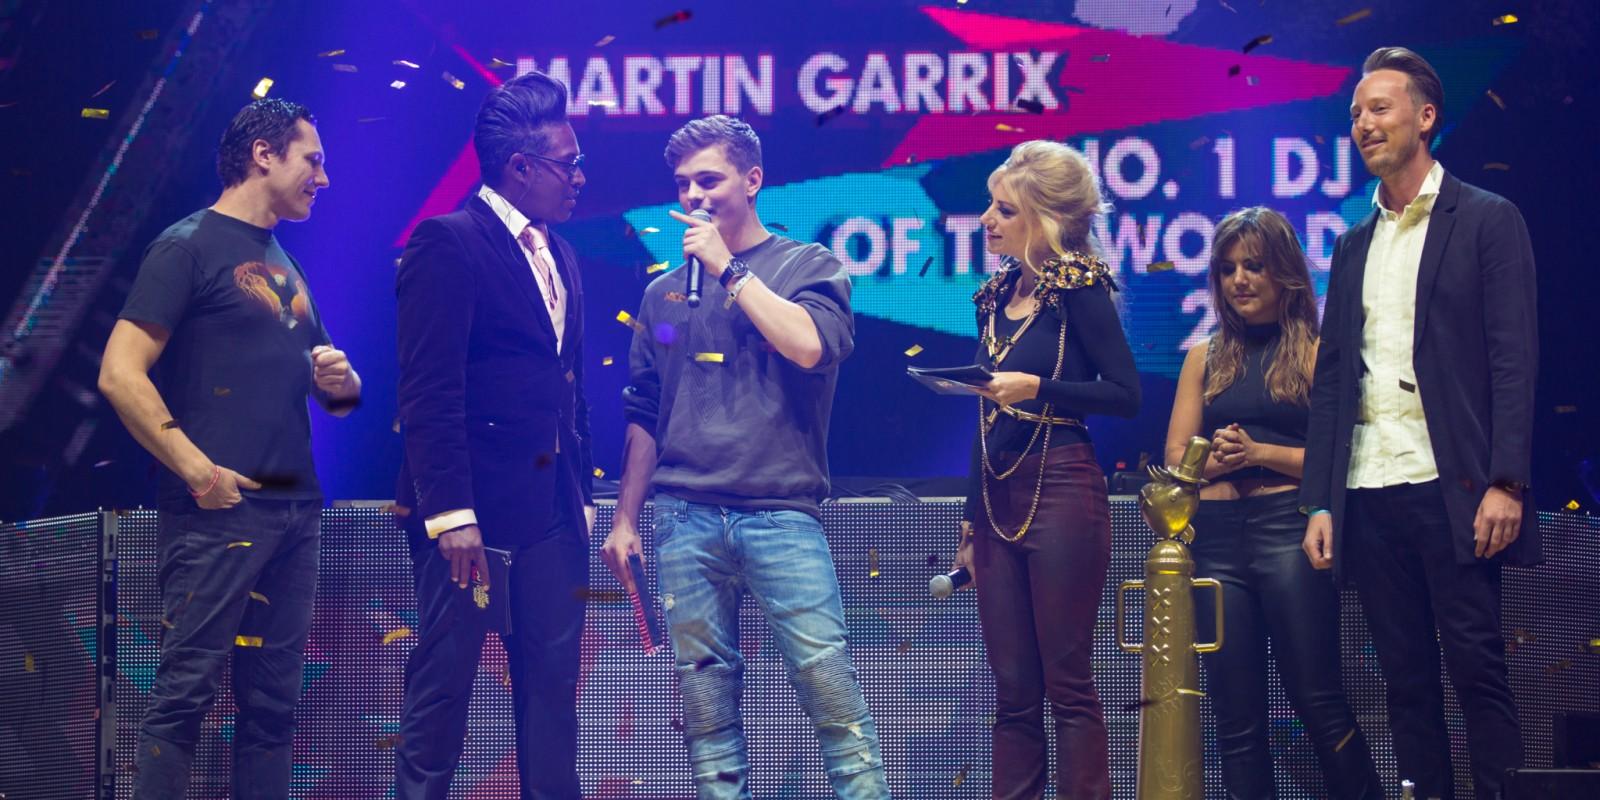 ADE AMF TOP100 DJs Martin Garrix